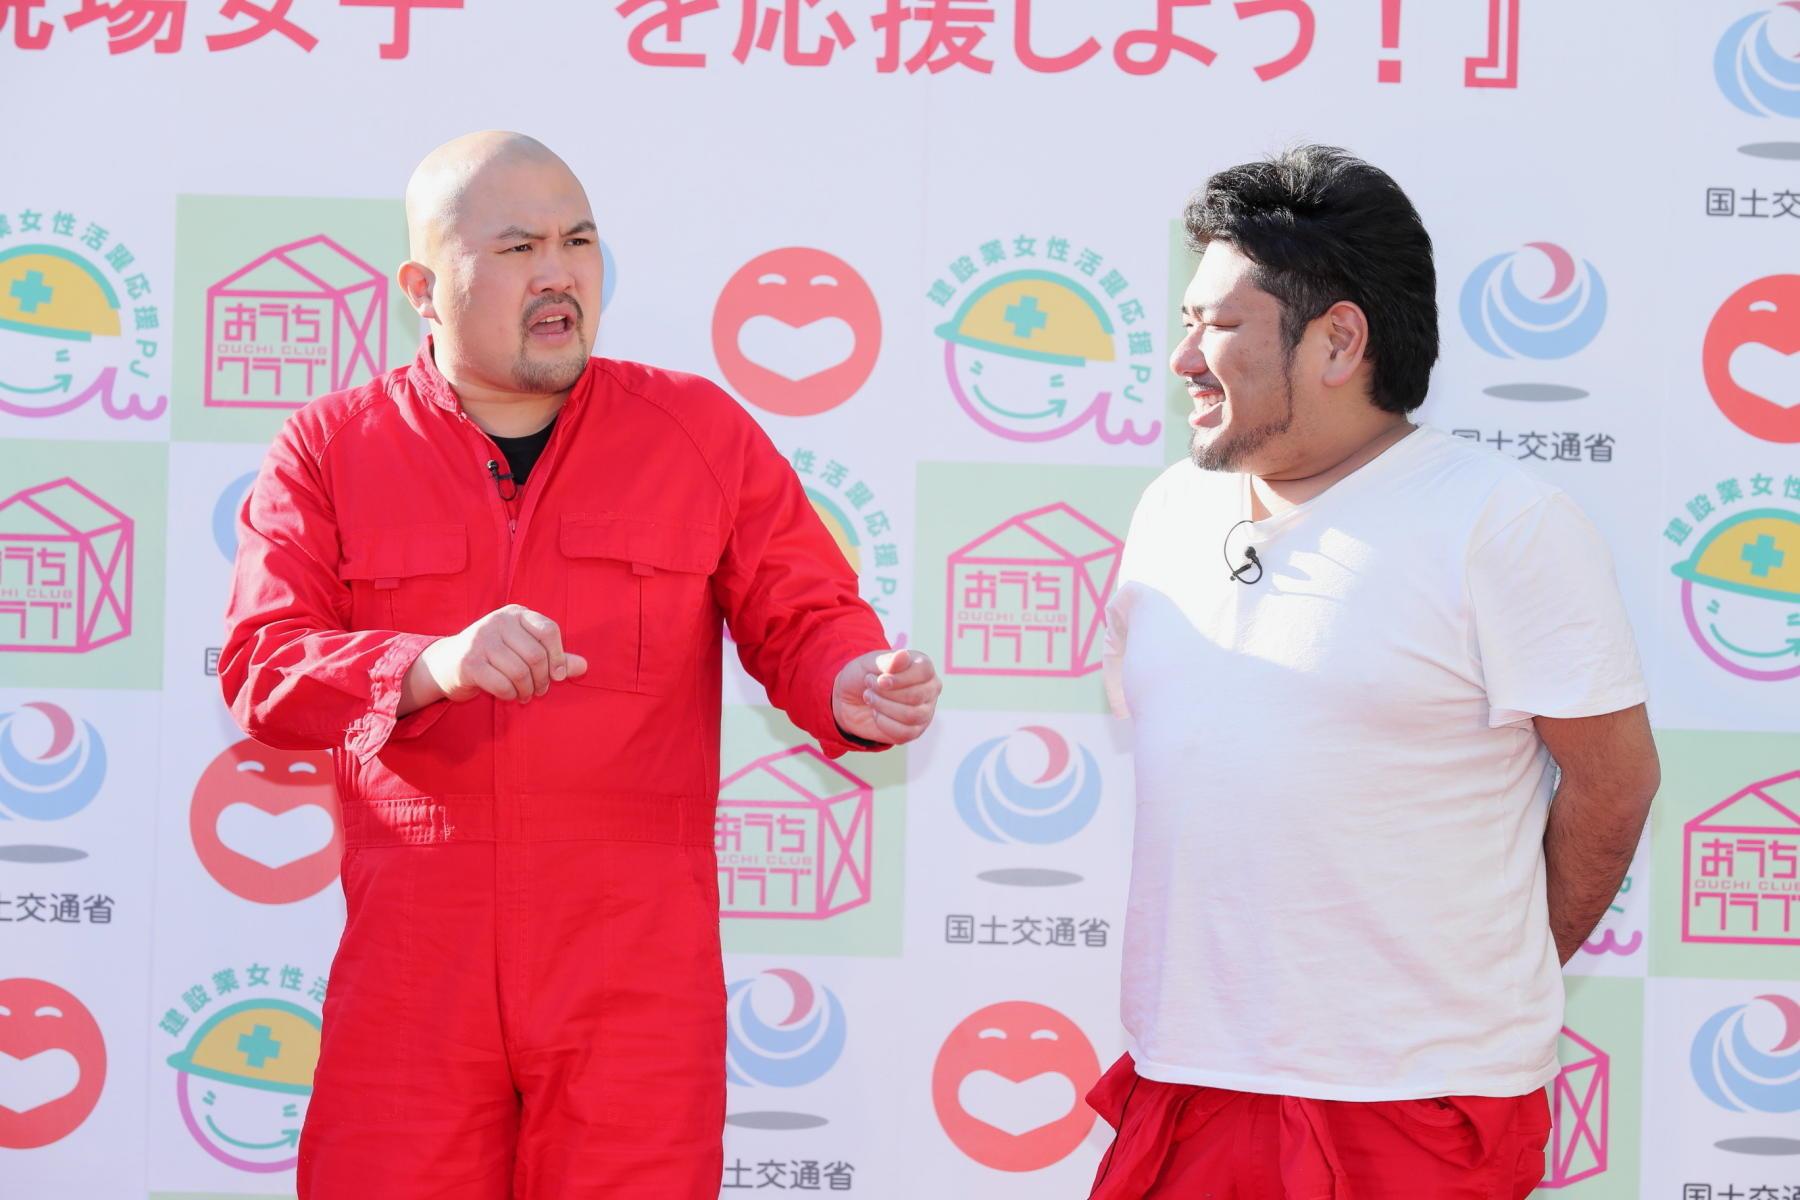 http://news.yoshimoto.co.jp/20170226095201-0f432fa4193f339ae70db3f74a3ef2abce199eda.jpg